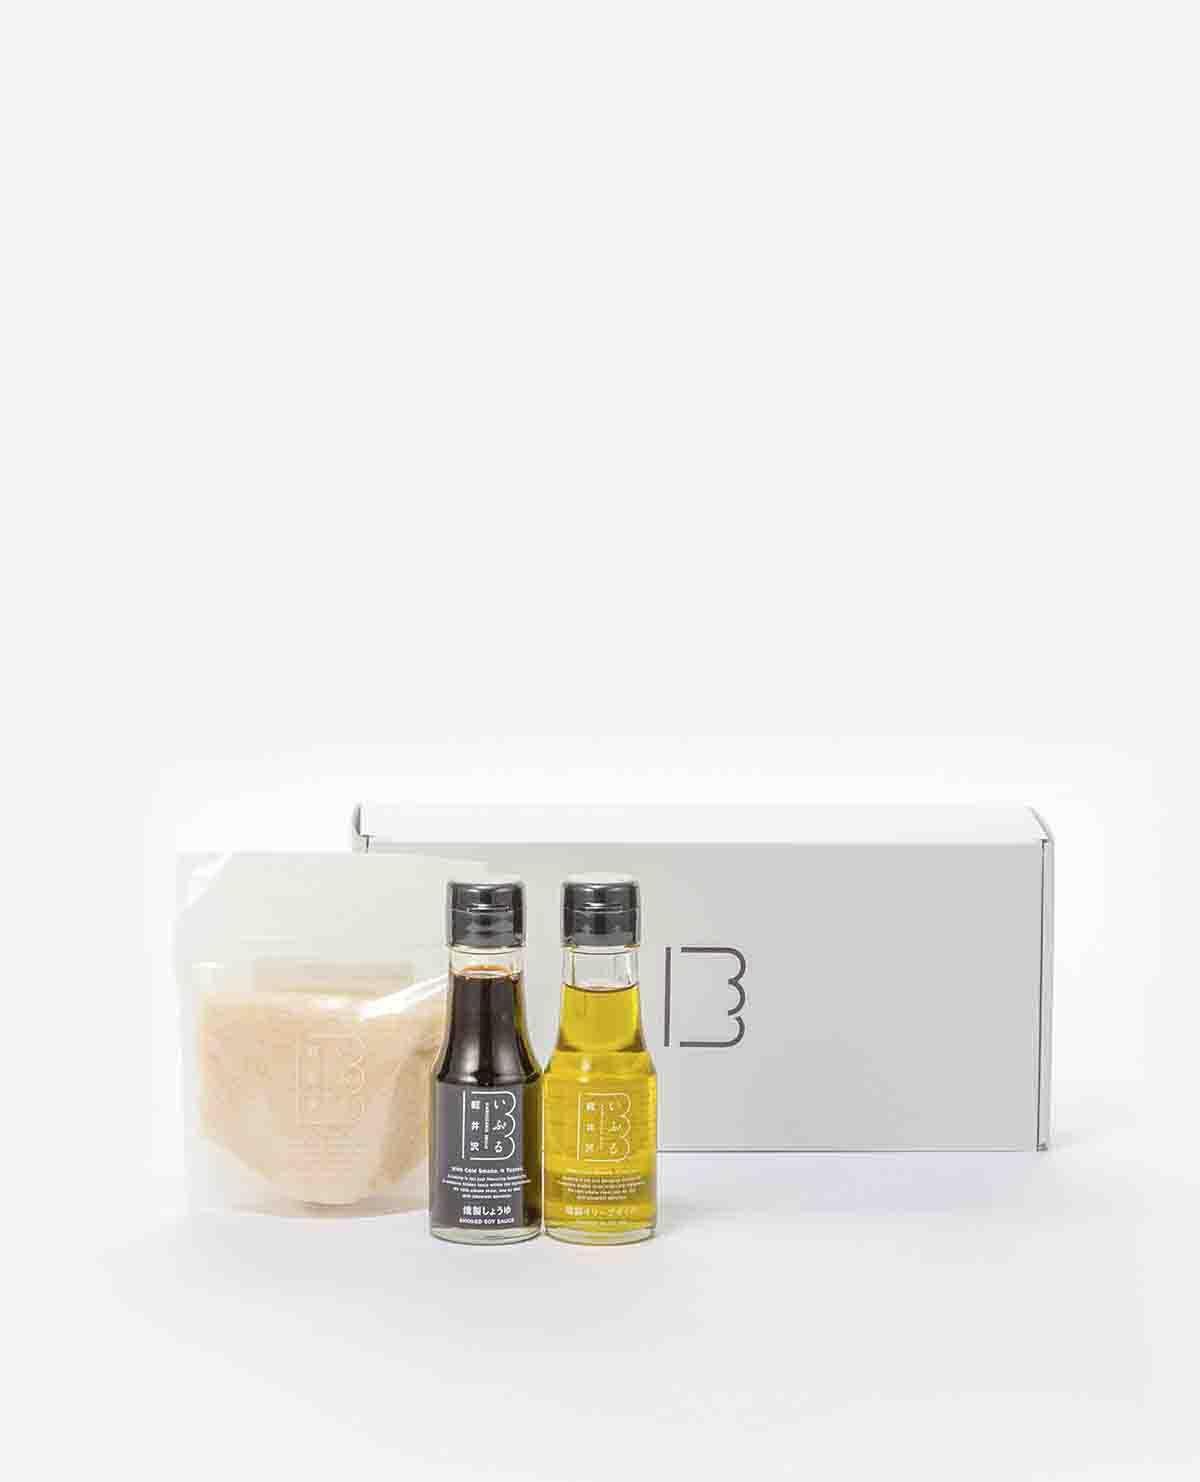 燻製しょうゆ・燻製オリーブオイル・燻製岩塩セット